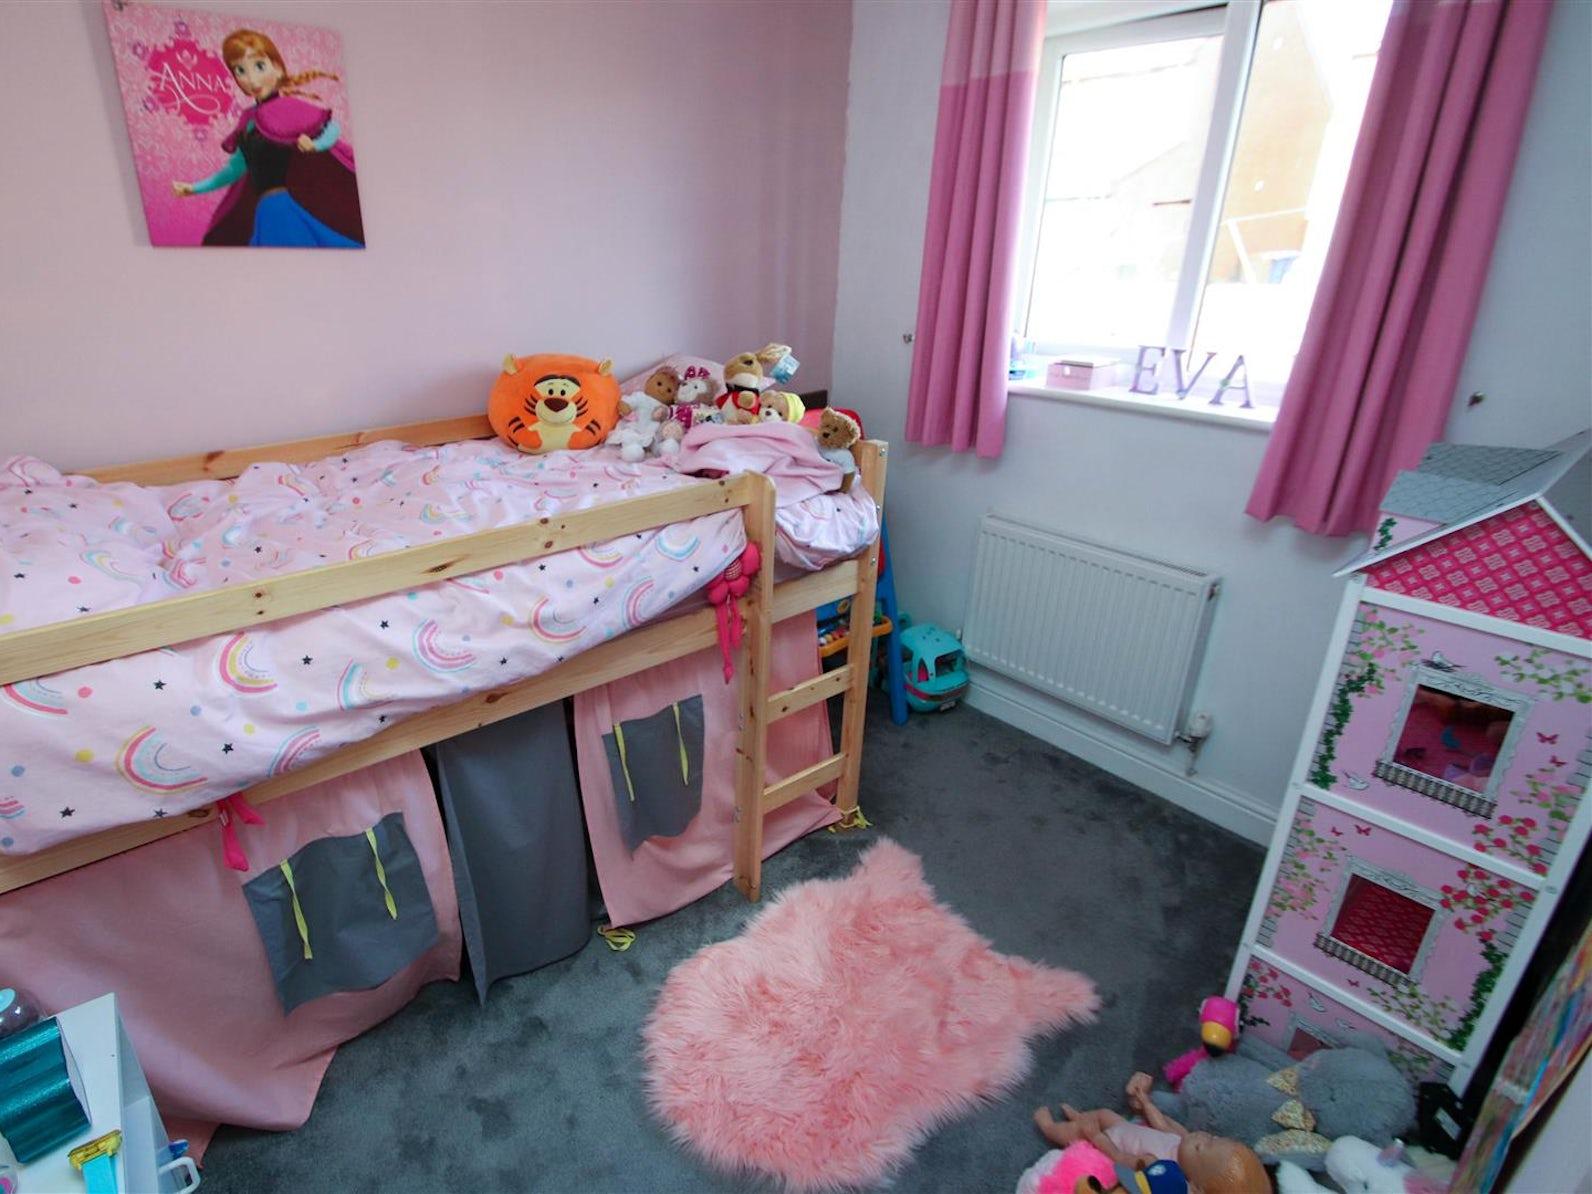 3 Bedroom Property For Sale In Stoke On Trent Merton Street 140 000